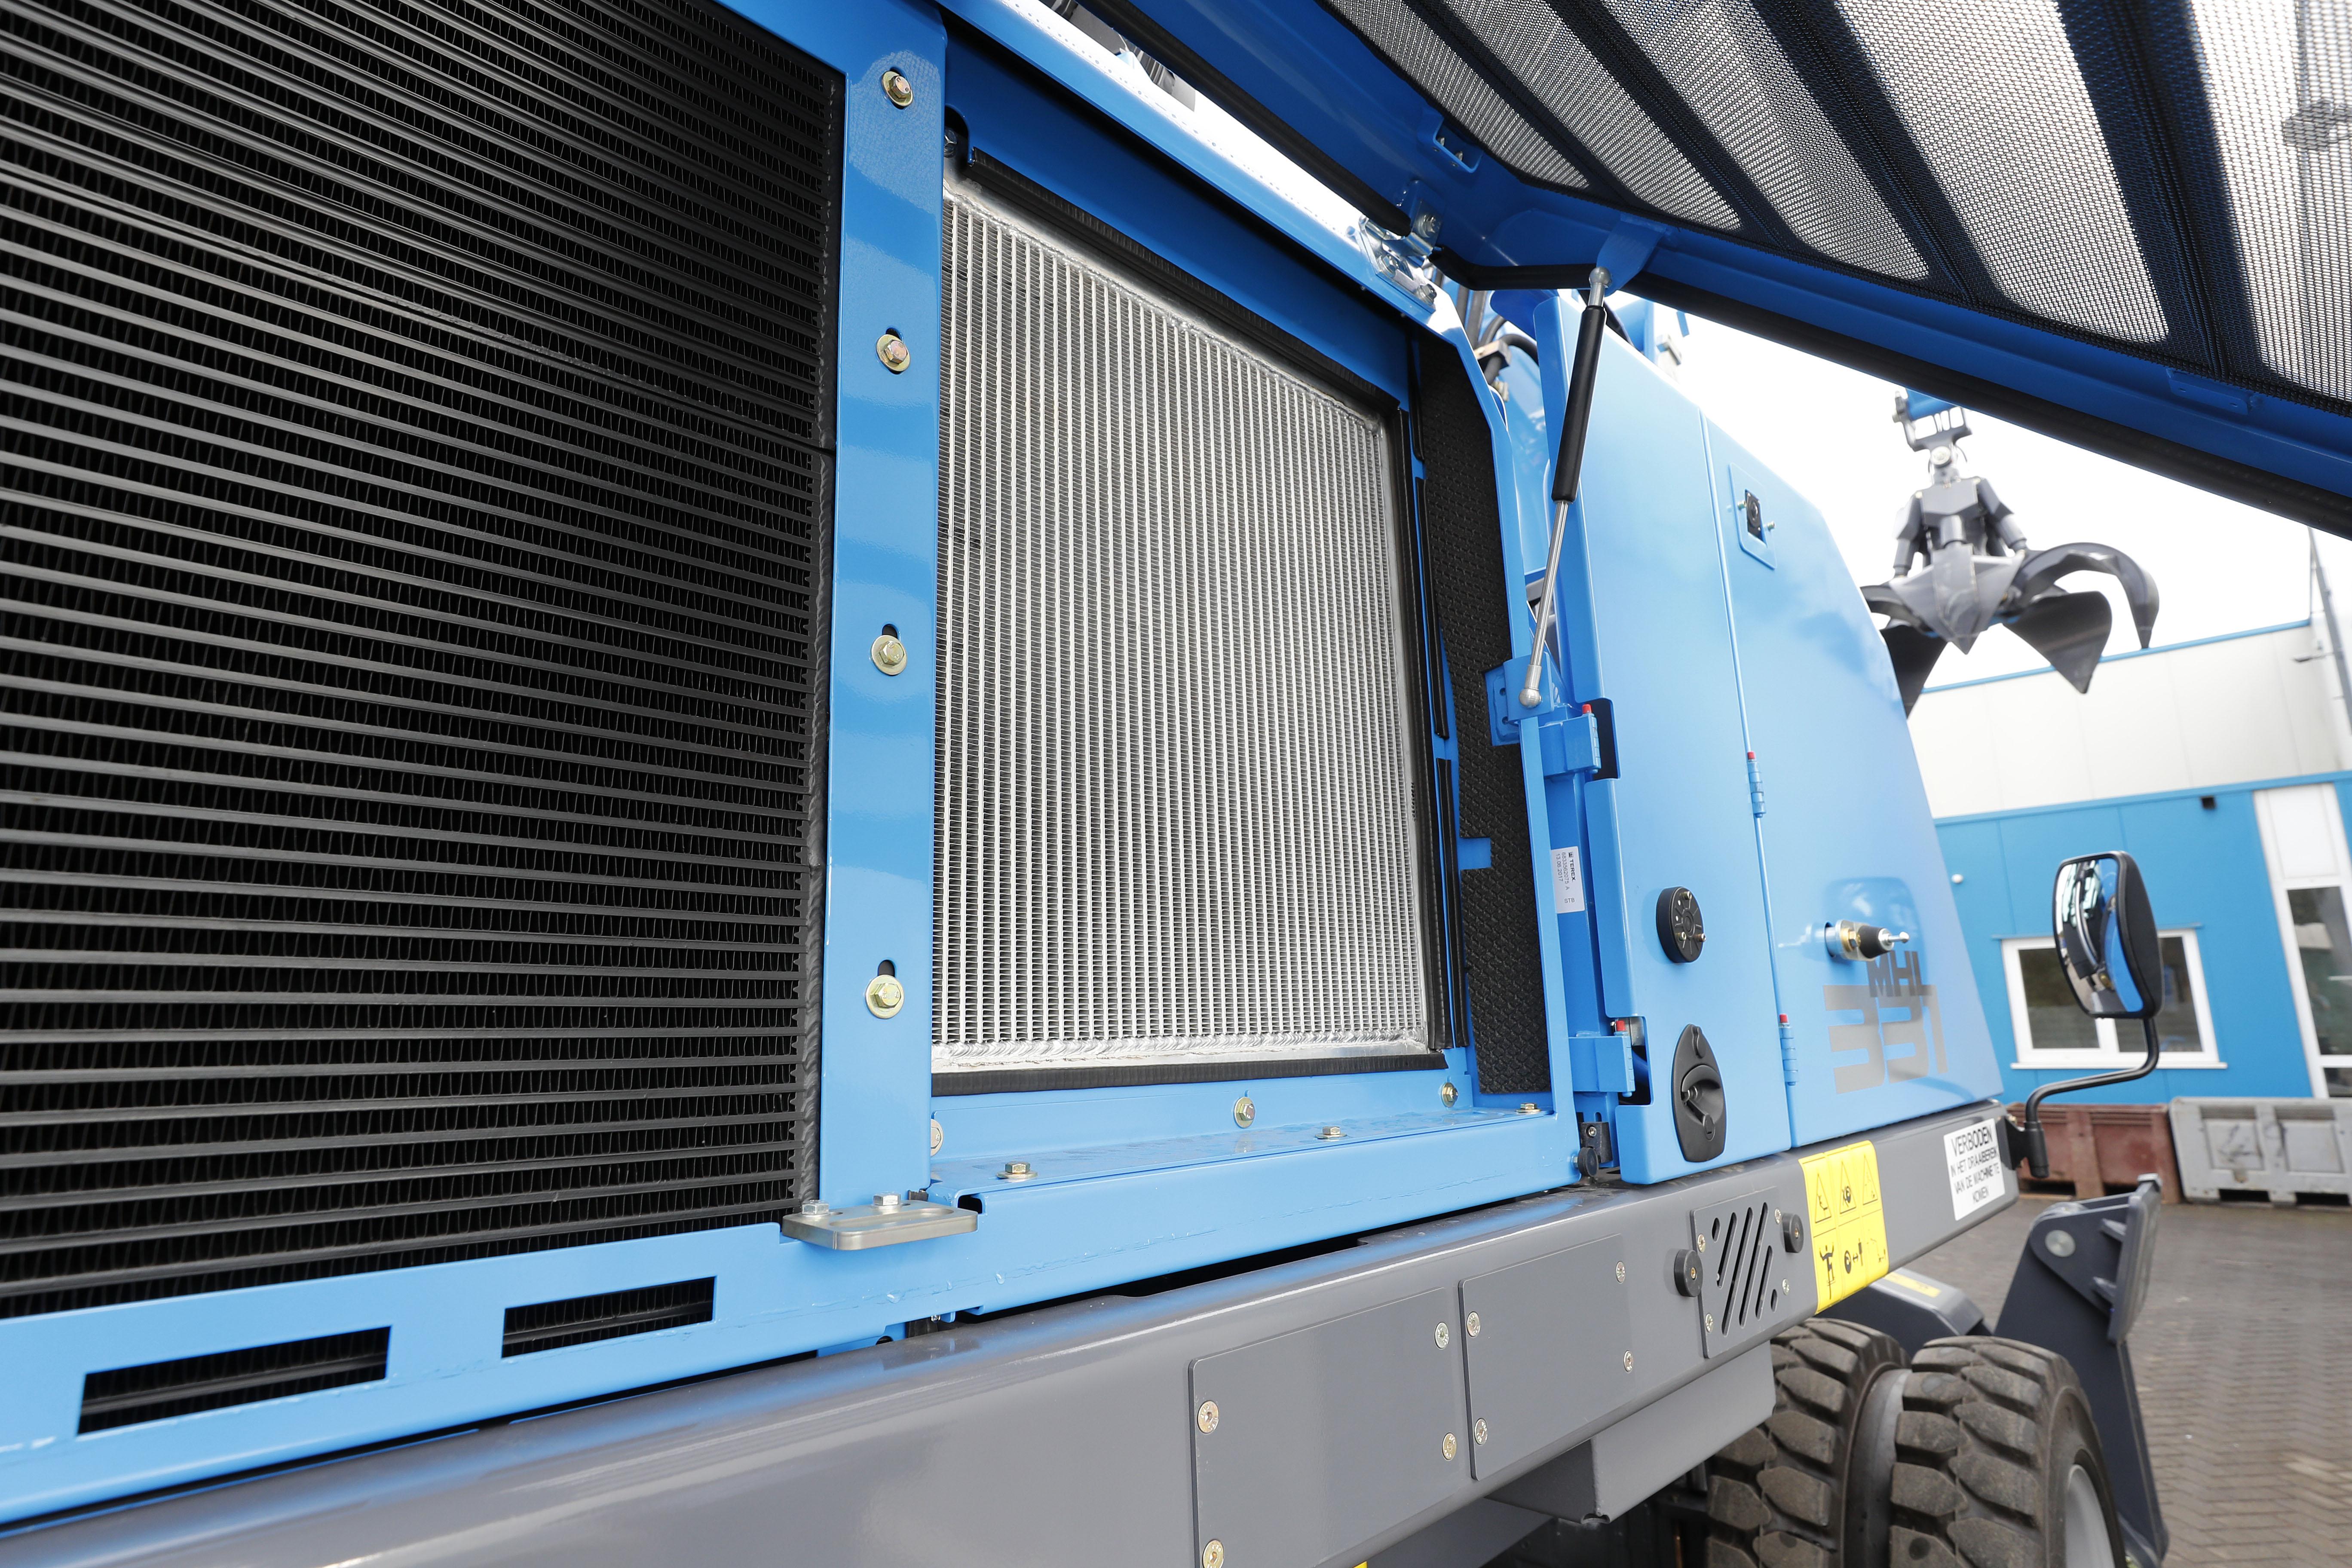 <p>Een aparte oliekoeler met groot koeloppervlak zorgt voor optimale koeling.</p>